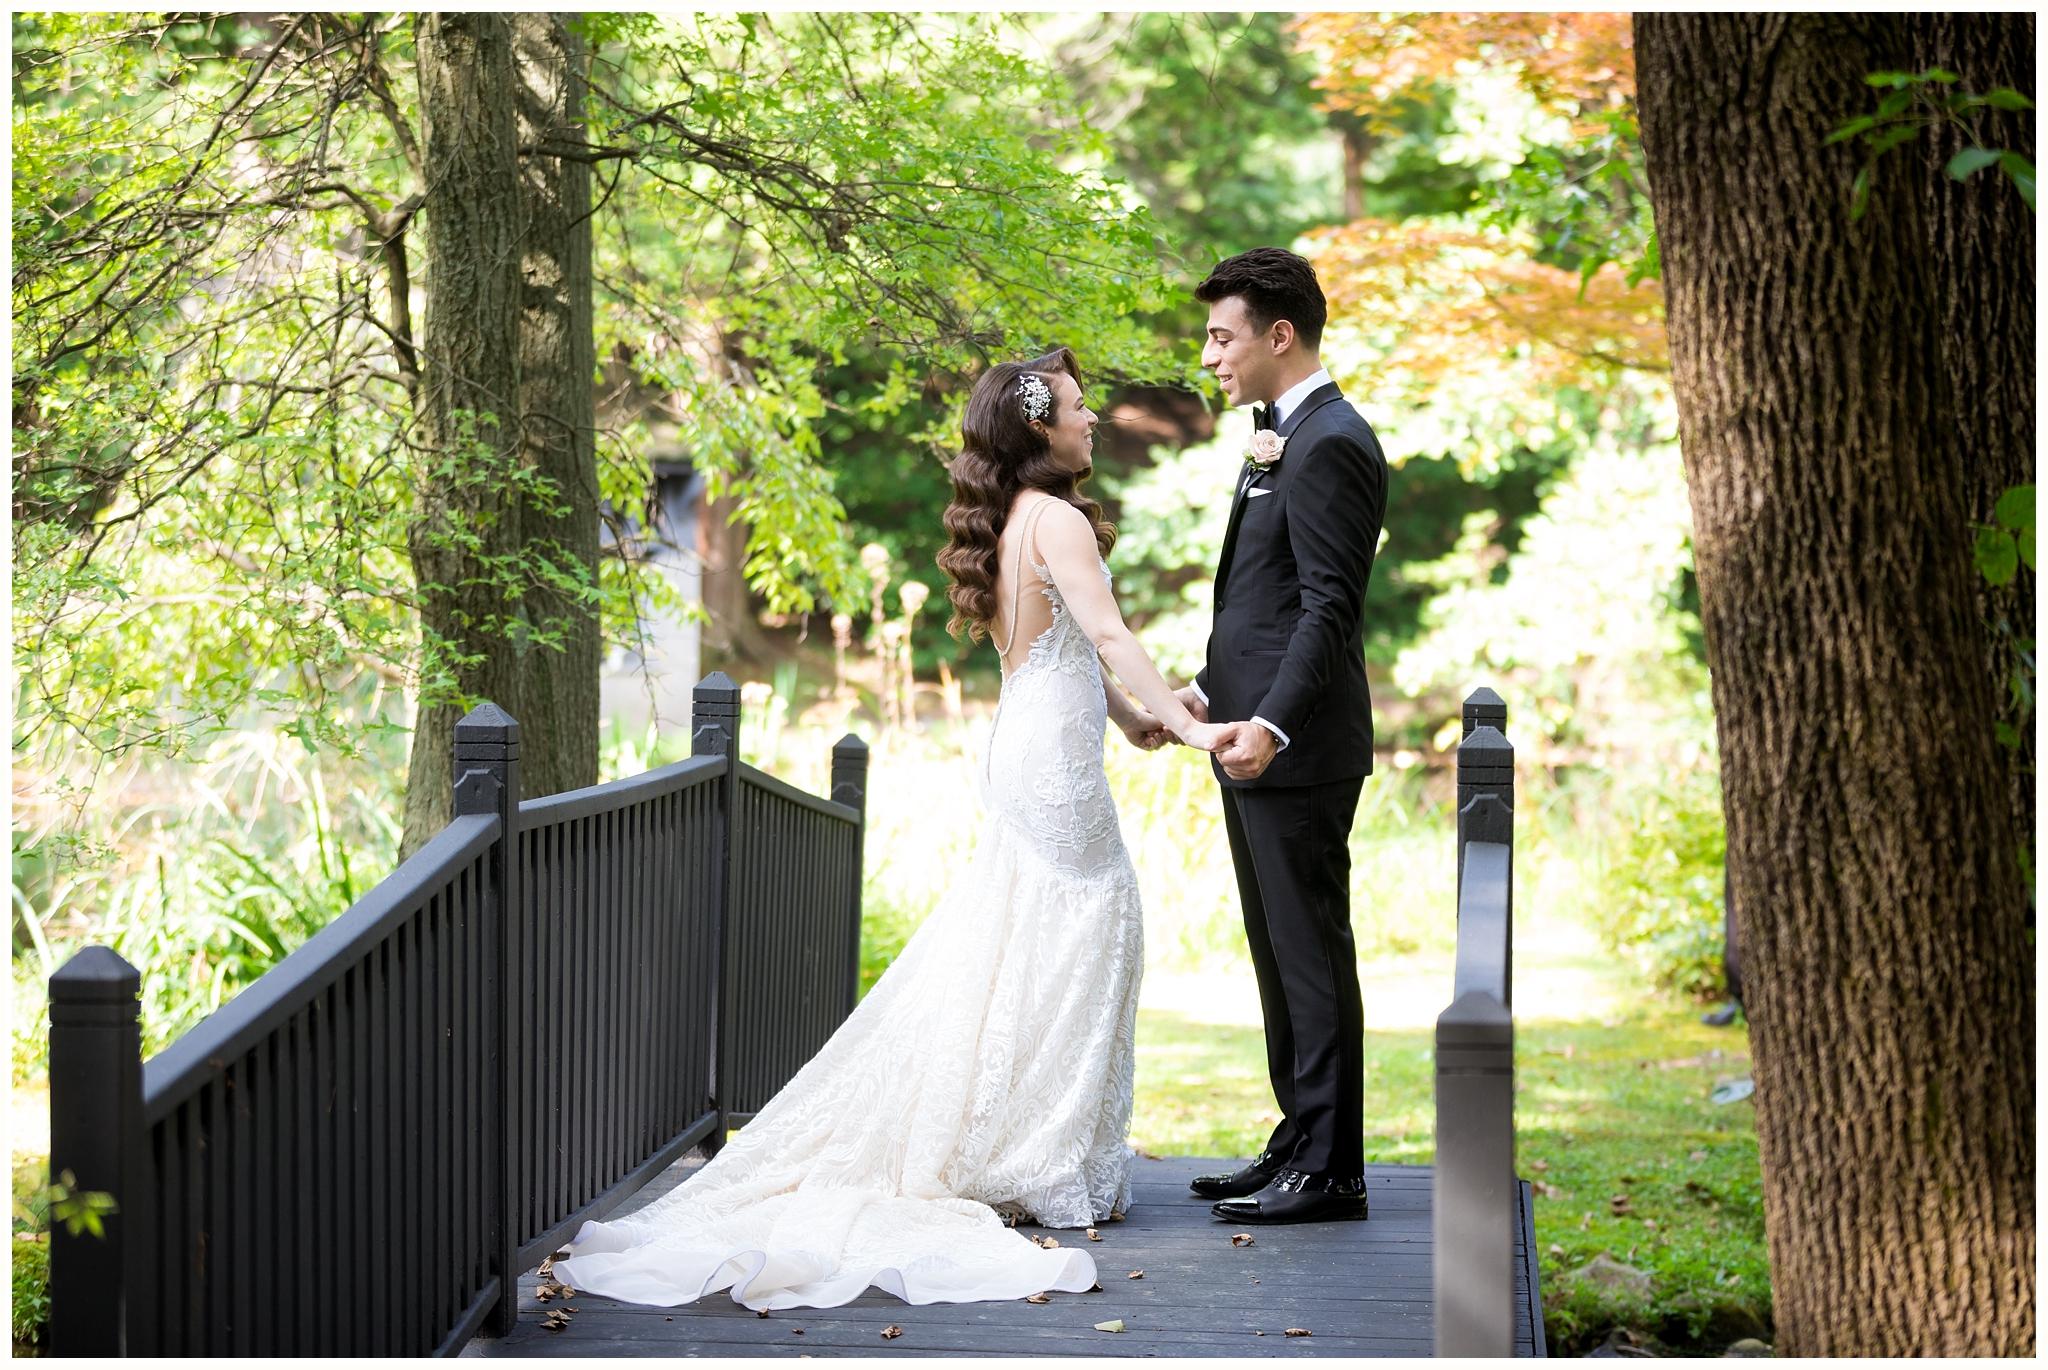 Pleasantdale Chateau Wedding NJ Wedding NYC Wedding Photographer_0012.jpg